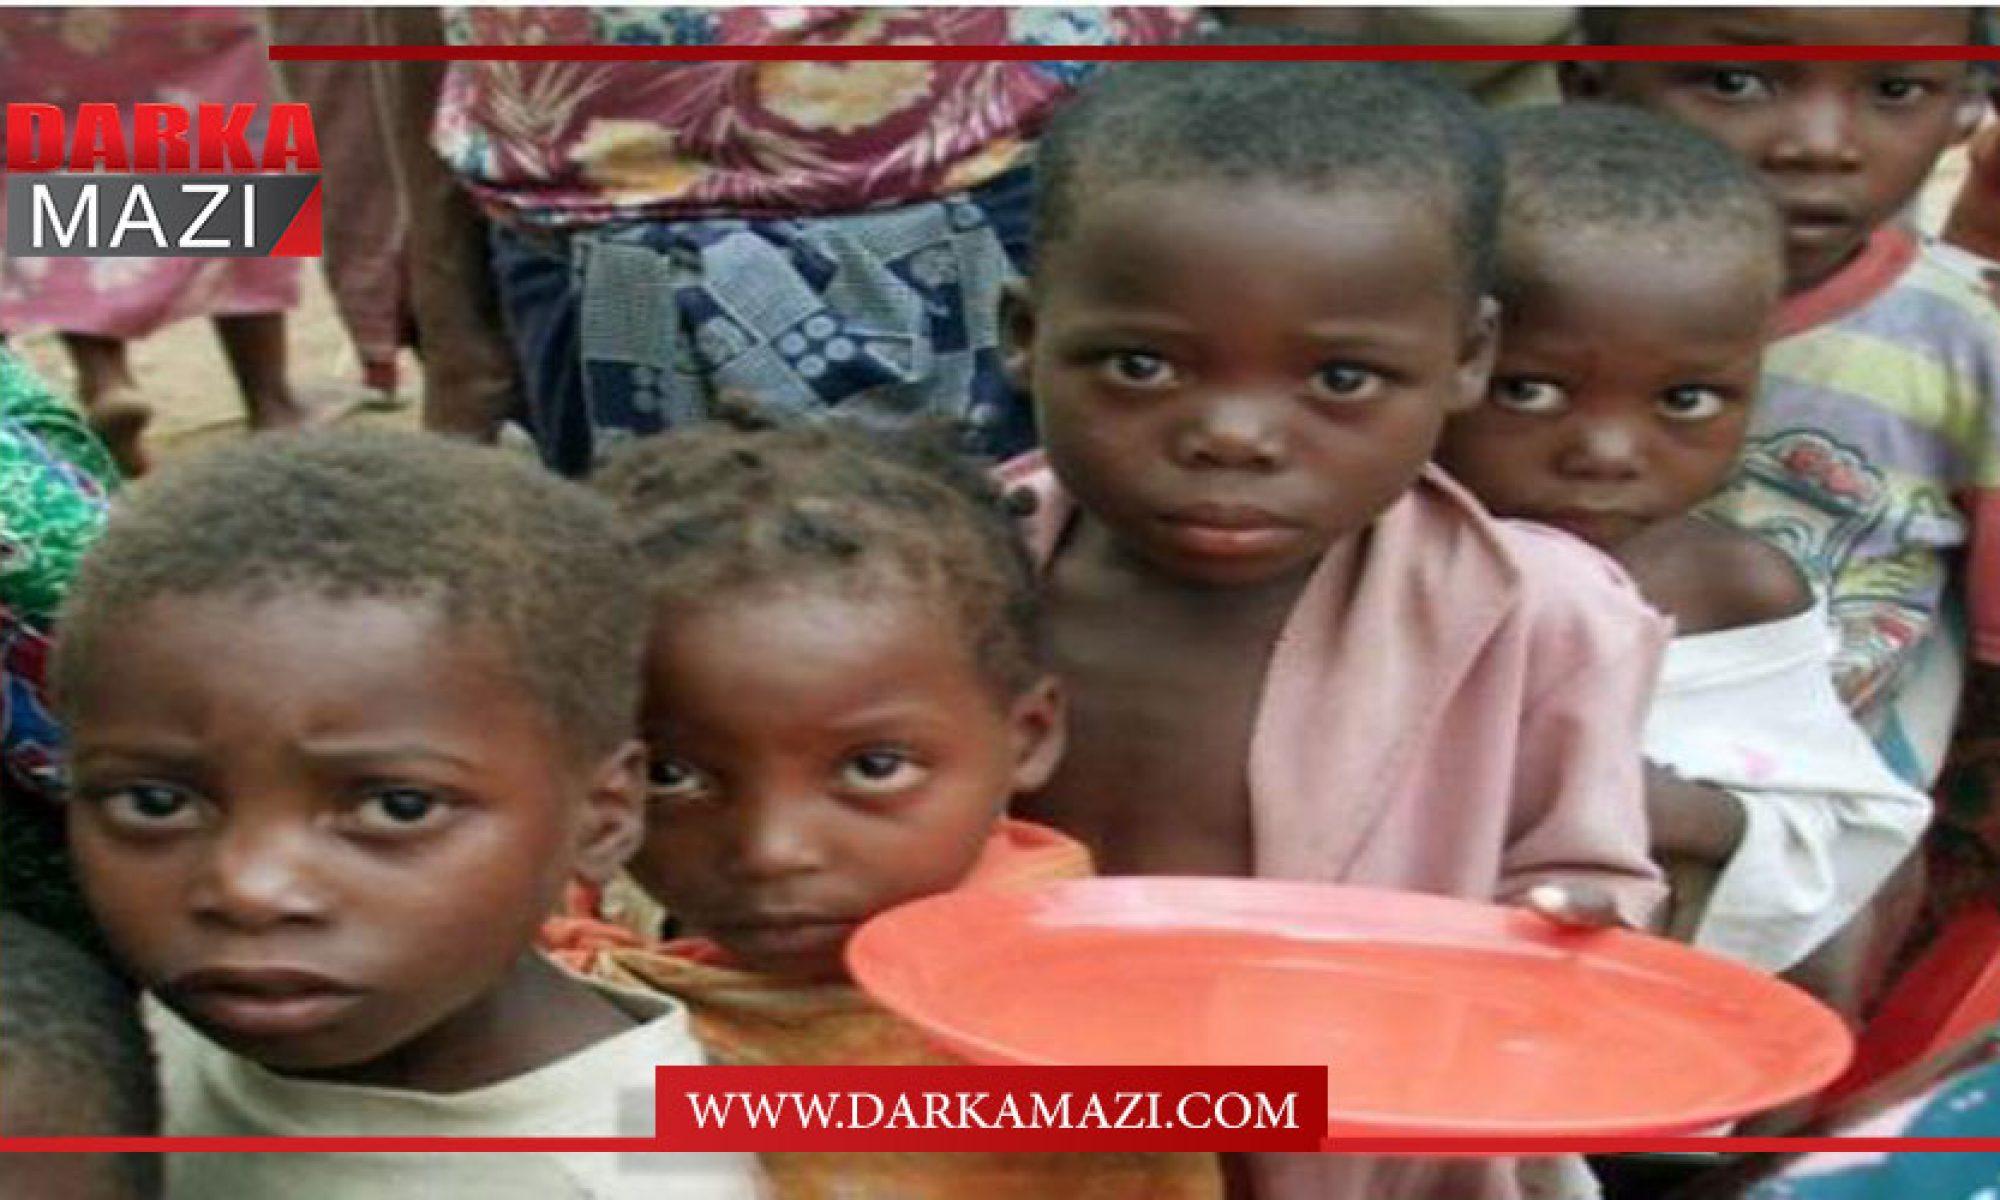 BM: Koronavirüse bağlı açlık ayda 10 binden fazla çocuğun ölümüne yol açtı, sayı artabilir